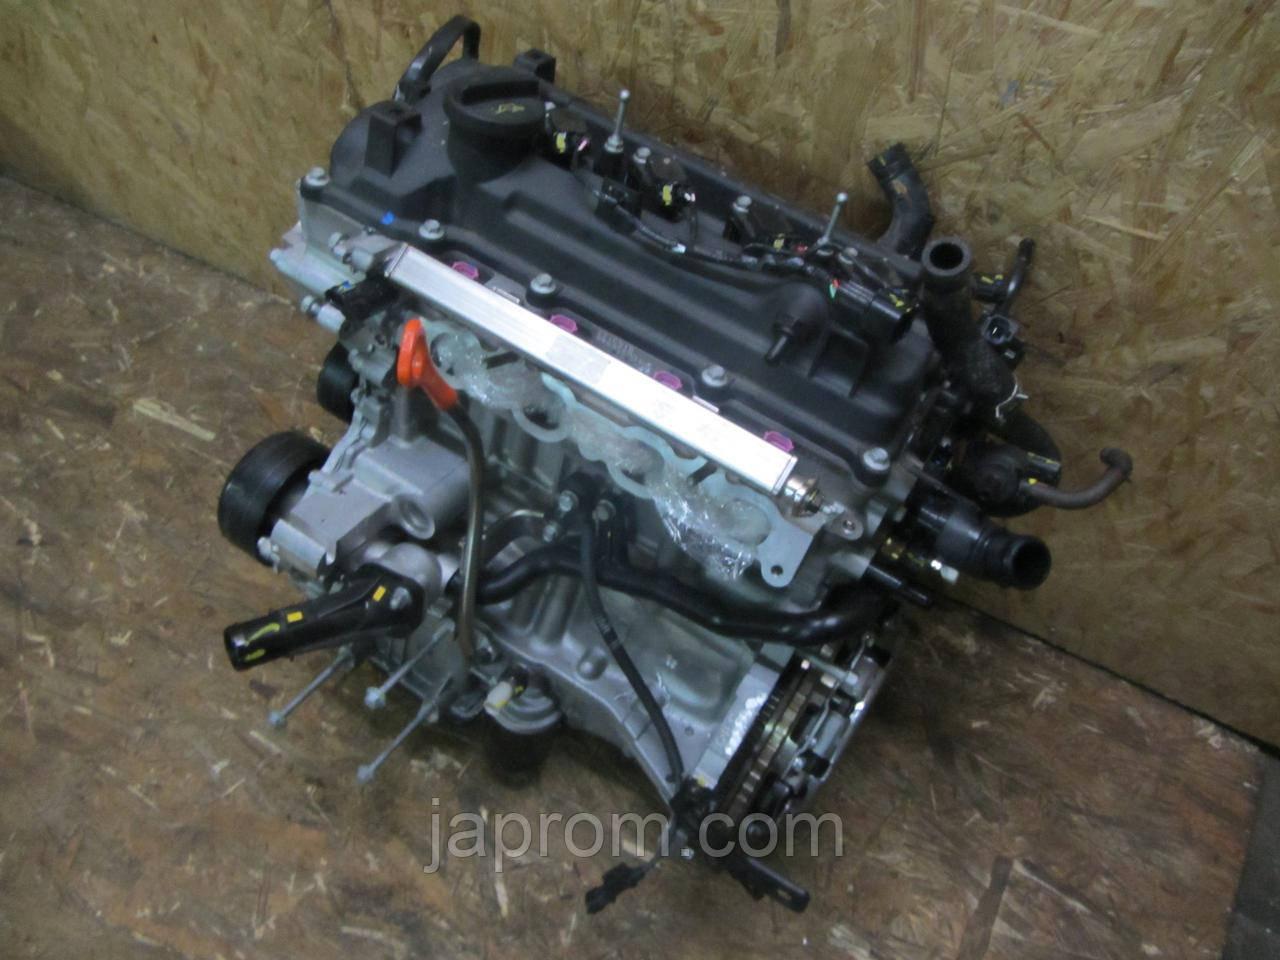 Мотор (Двигатель) HYUNDAI i30 2015-2016г.в. рестайл 1.4 бензин